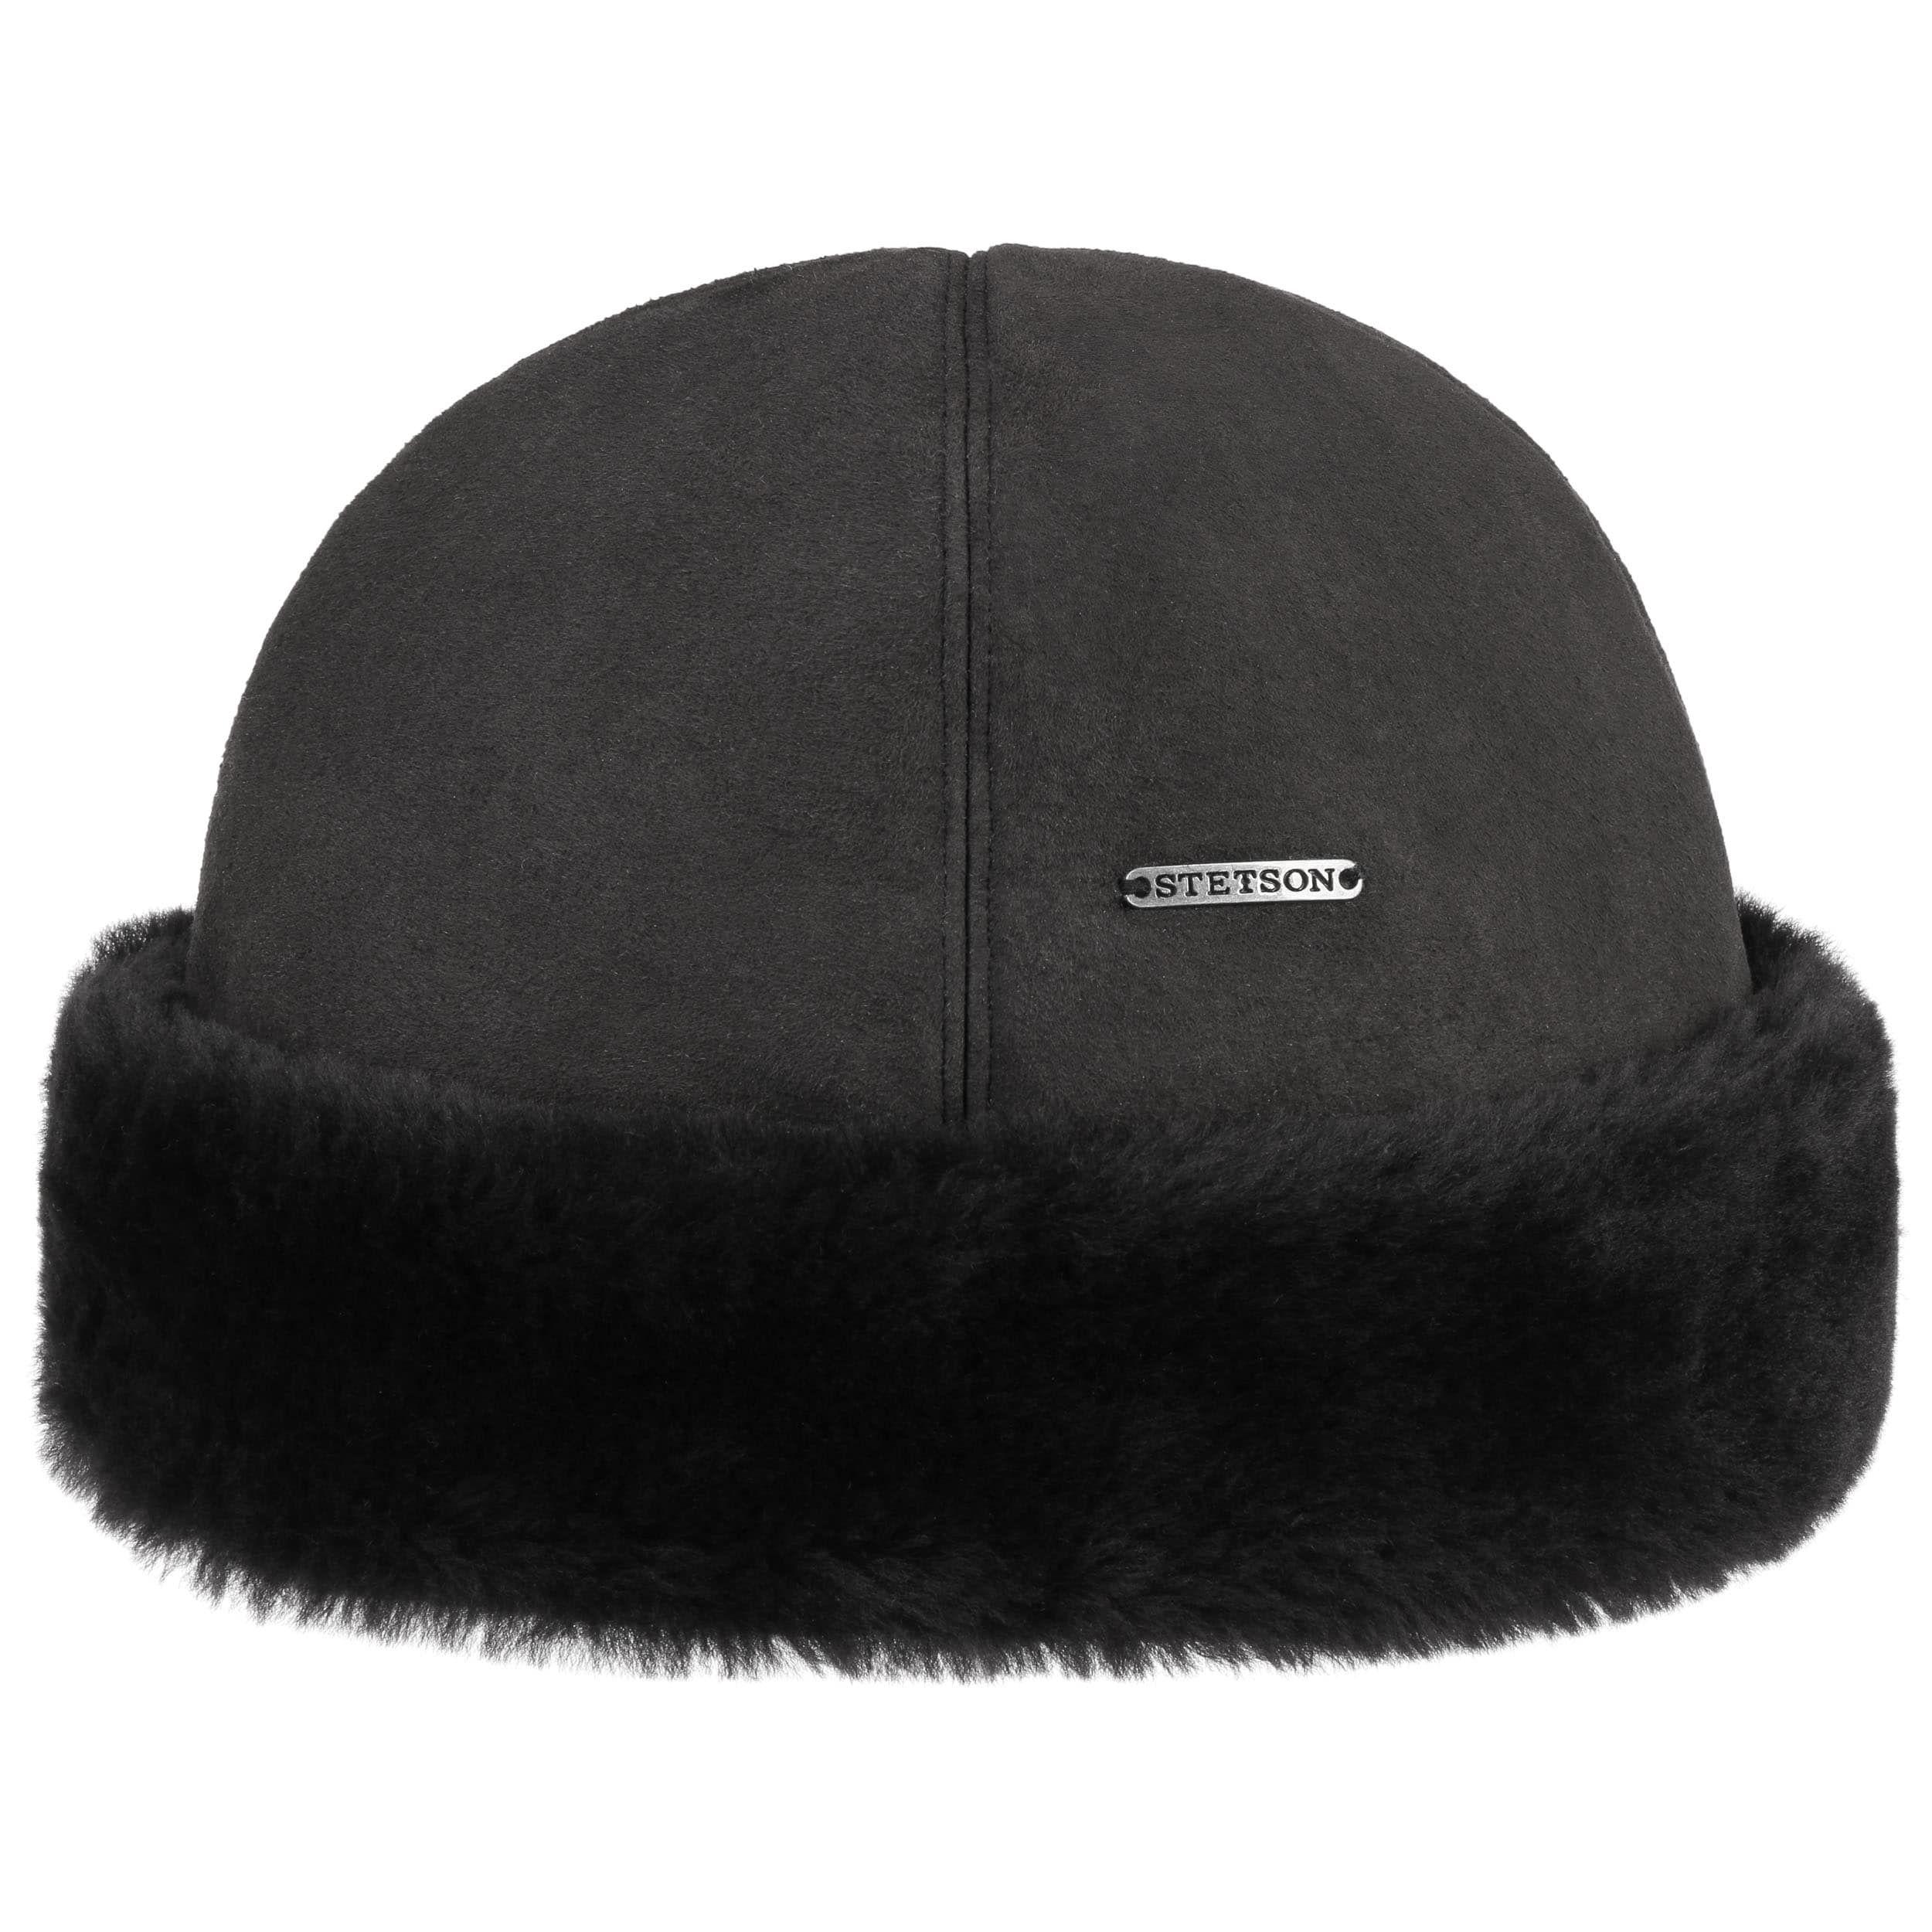 große Vielfalt Stile neueste trends von 2019 2020 Lamby Wintermütze schwarz